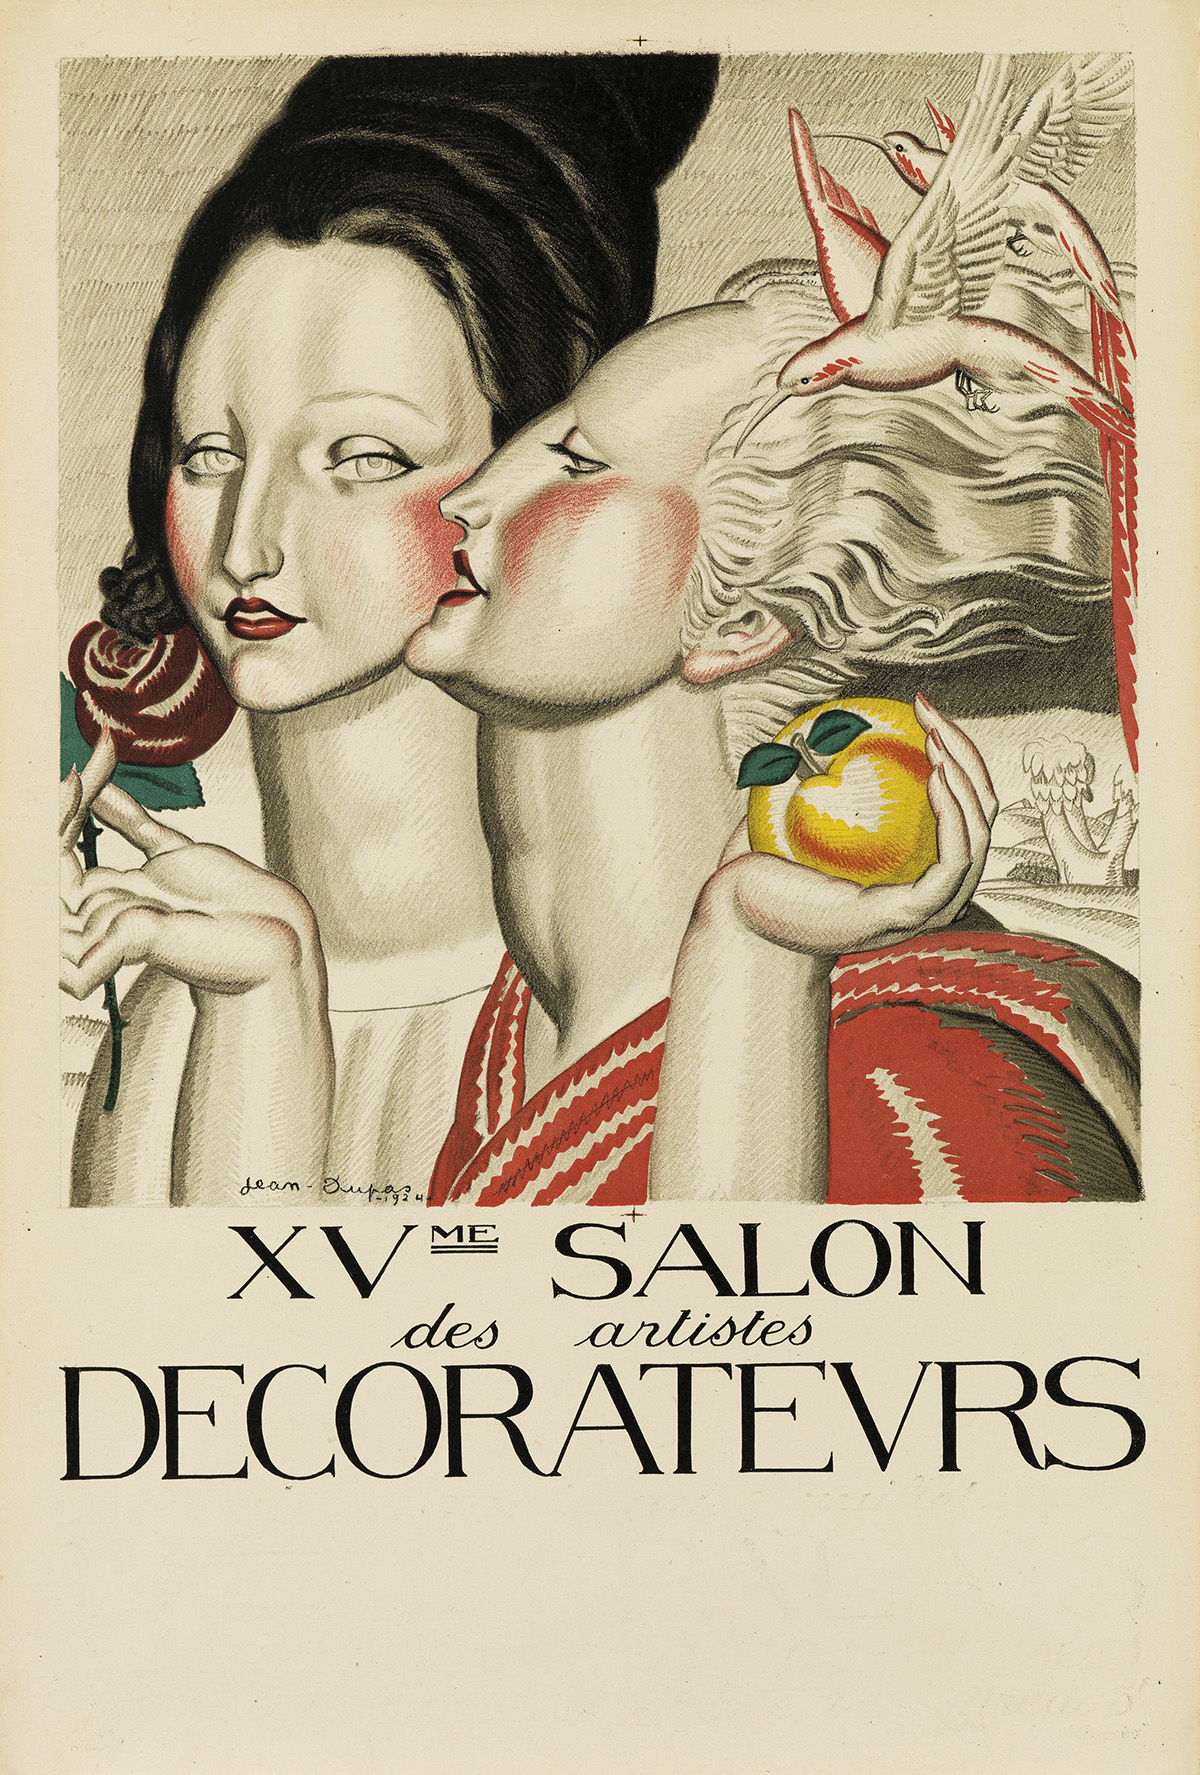 JEAN-DUPAS-(1882-1964)-XVME-SALON-DES-ARTISTES-DECORATEURS-1